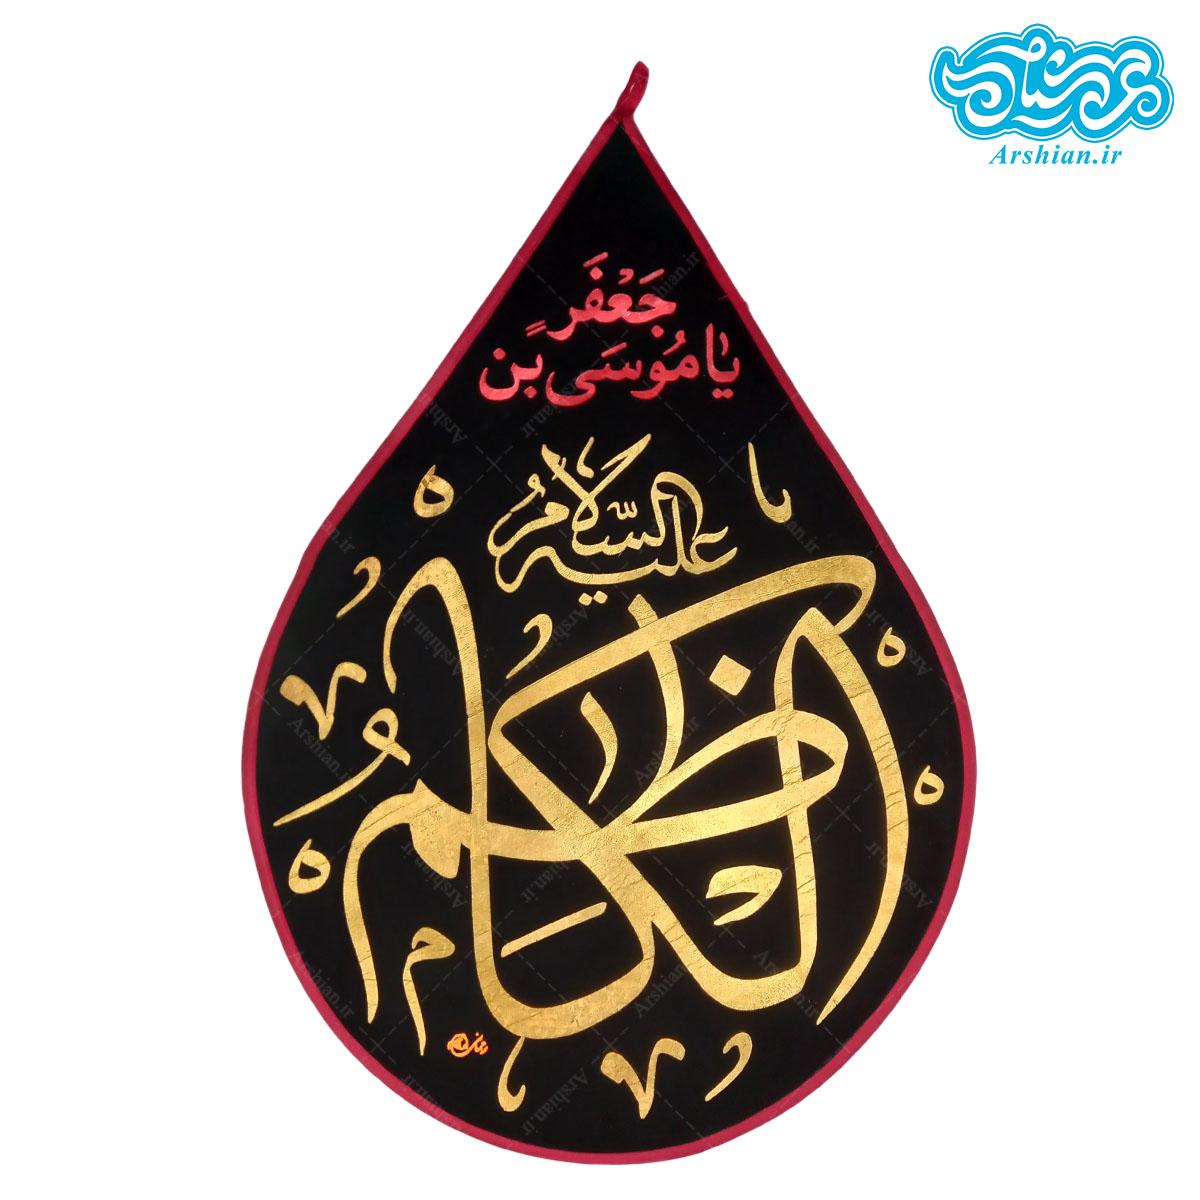 پرچم الکاظم طرح اشک کد 009